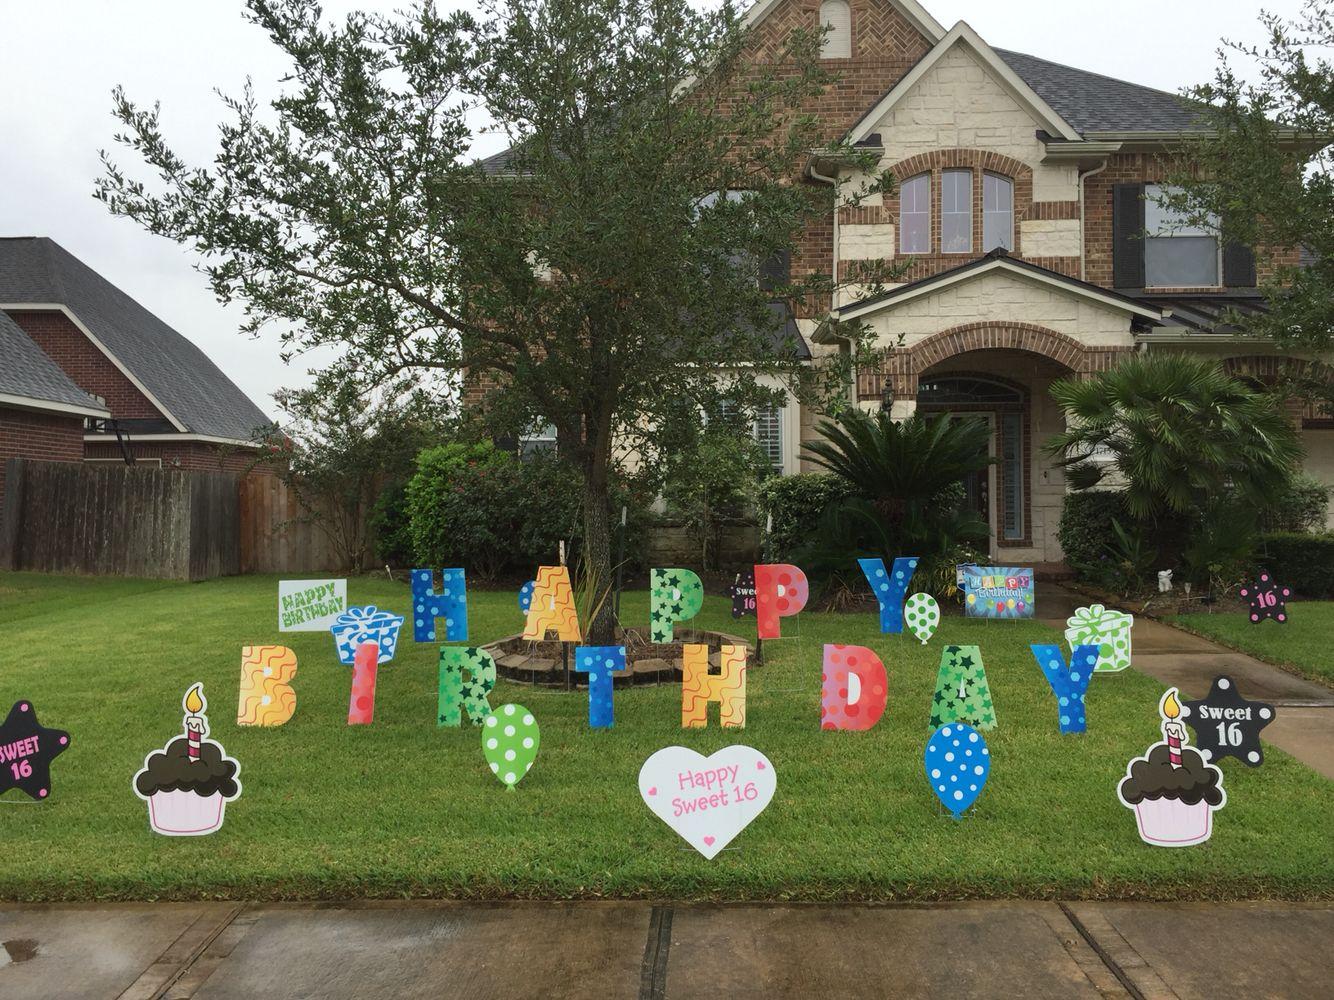 diy birthday yard decorations